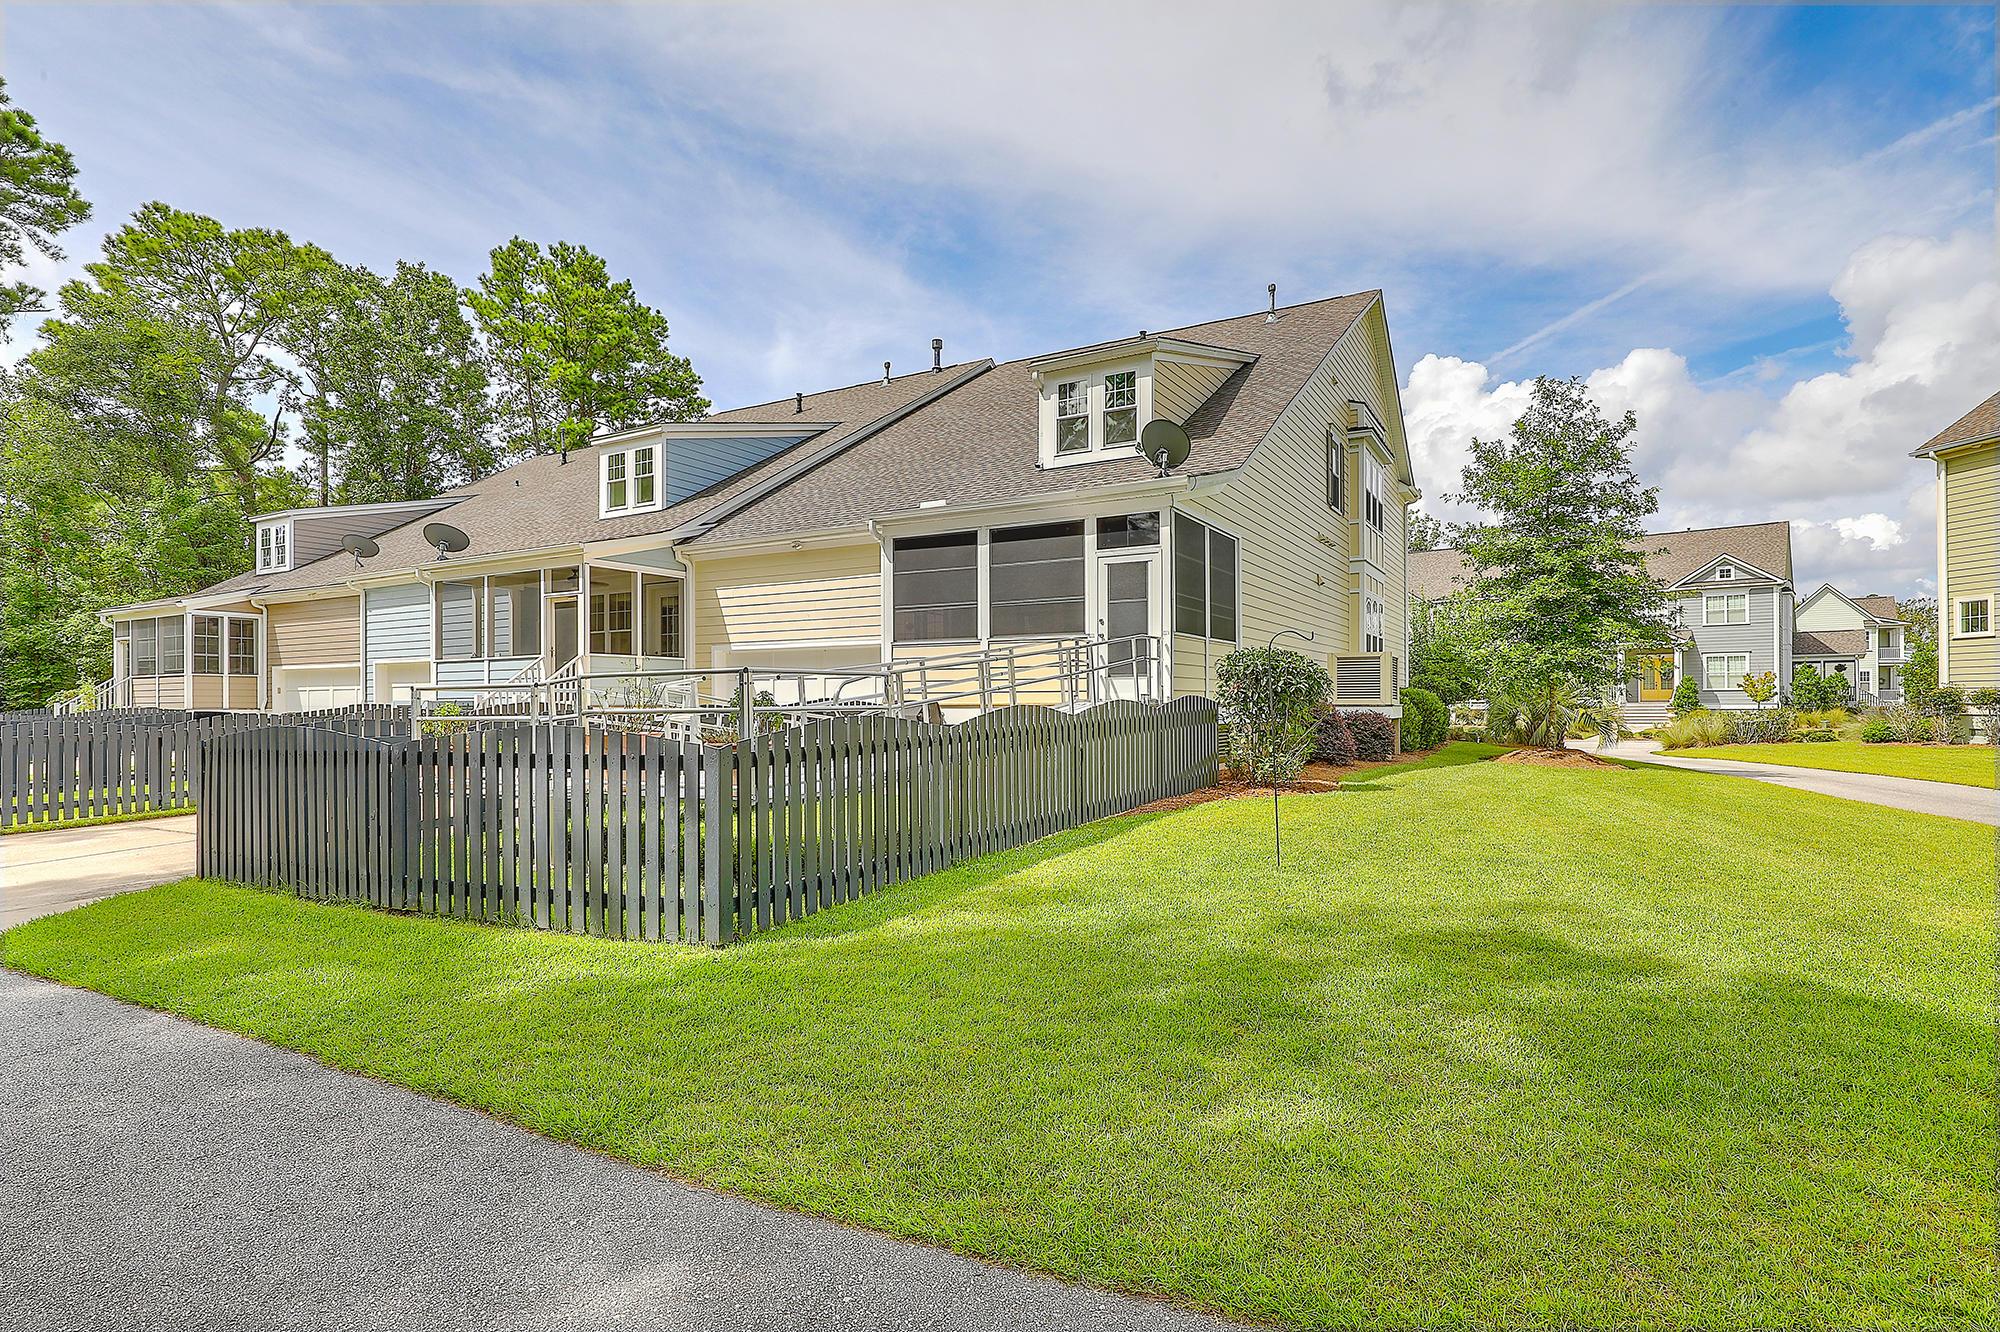 Dunes West Homes For Sale - 3171 Sturbridge, Mount Pleasant, SC - 29